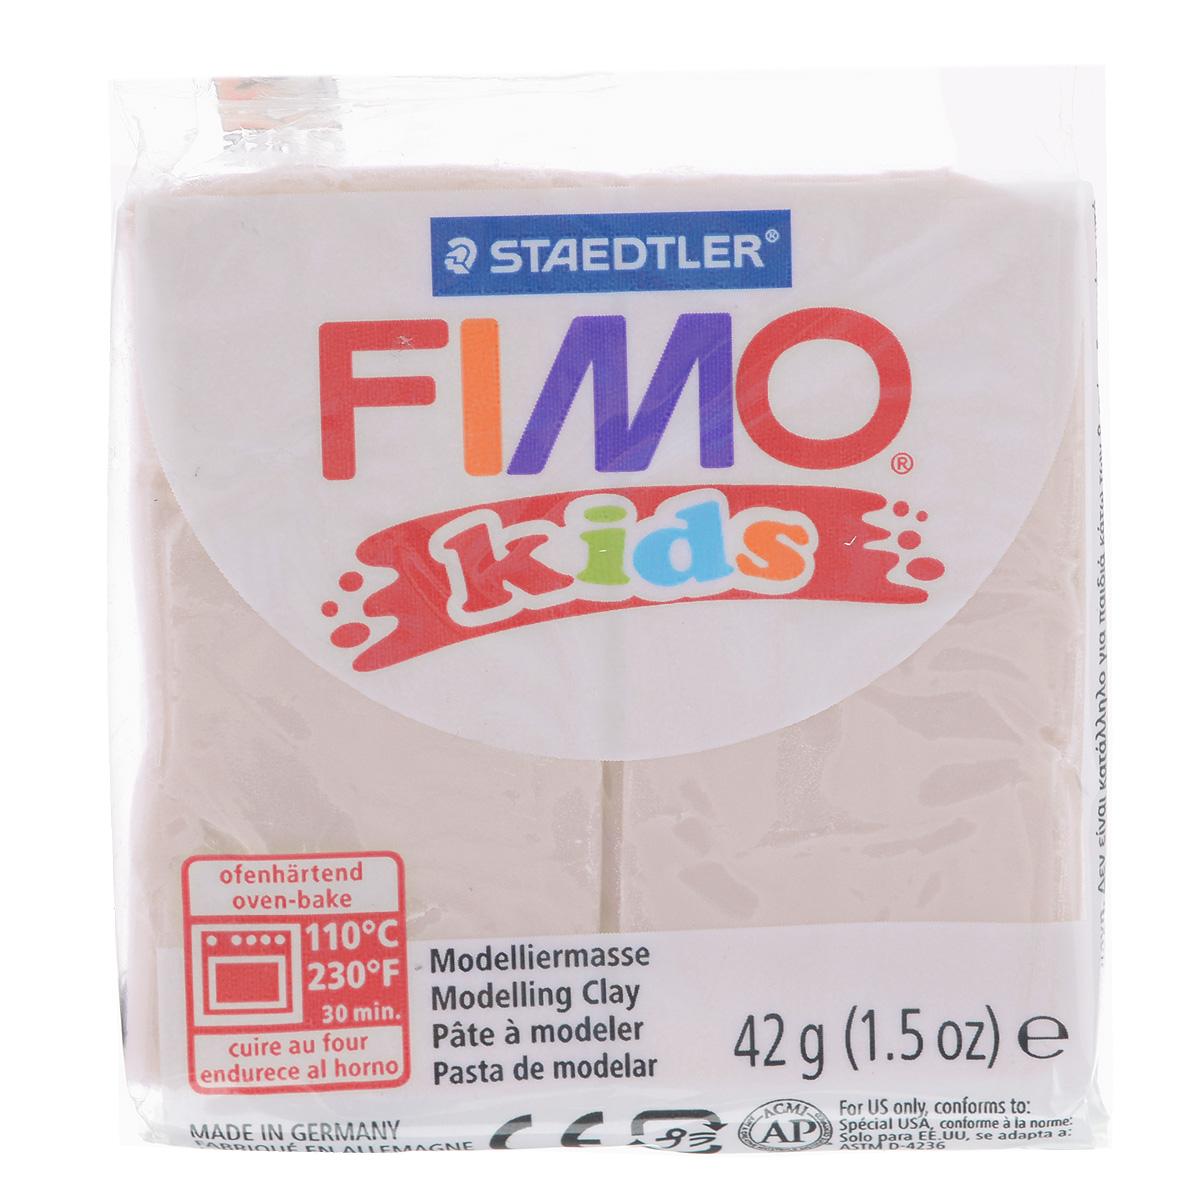 Полимерная глина для детей Fimo Kids, цвет: телесный (43), 42 г8030-43Мягкая глина на полимерной основе (пластика) Fimo Kids идеально подходит для лепки небольших изделий (украшений, скульптурок, кукол) и для моделирования. Глина обладает отличными пластичными свойствами, хорошо размягчается и лепится, легко смешивается между собой, благодаря чему можно создать огромное количество поделок любых цветов и оттенков, не имеет запаха. Идеально подходит для работы с детьми. Блок разделен на 2 сегмента, что позволяет легче разделять глину на порции. В домашних условиях готовая поделка выпекается в духовом шкафу при температуре 110°С в течении 15-30 минут (в зависимости от величины изделия). Отвердевшие изделия могут быть раскрашены акриловыми красками, покрыты лаком, склеены друг с другом или с другими материалами.